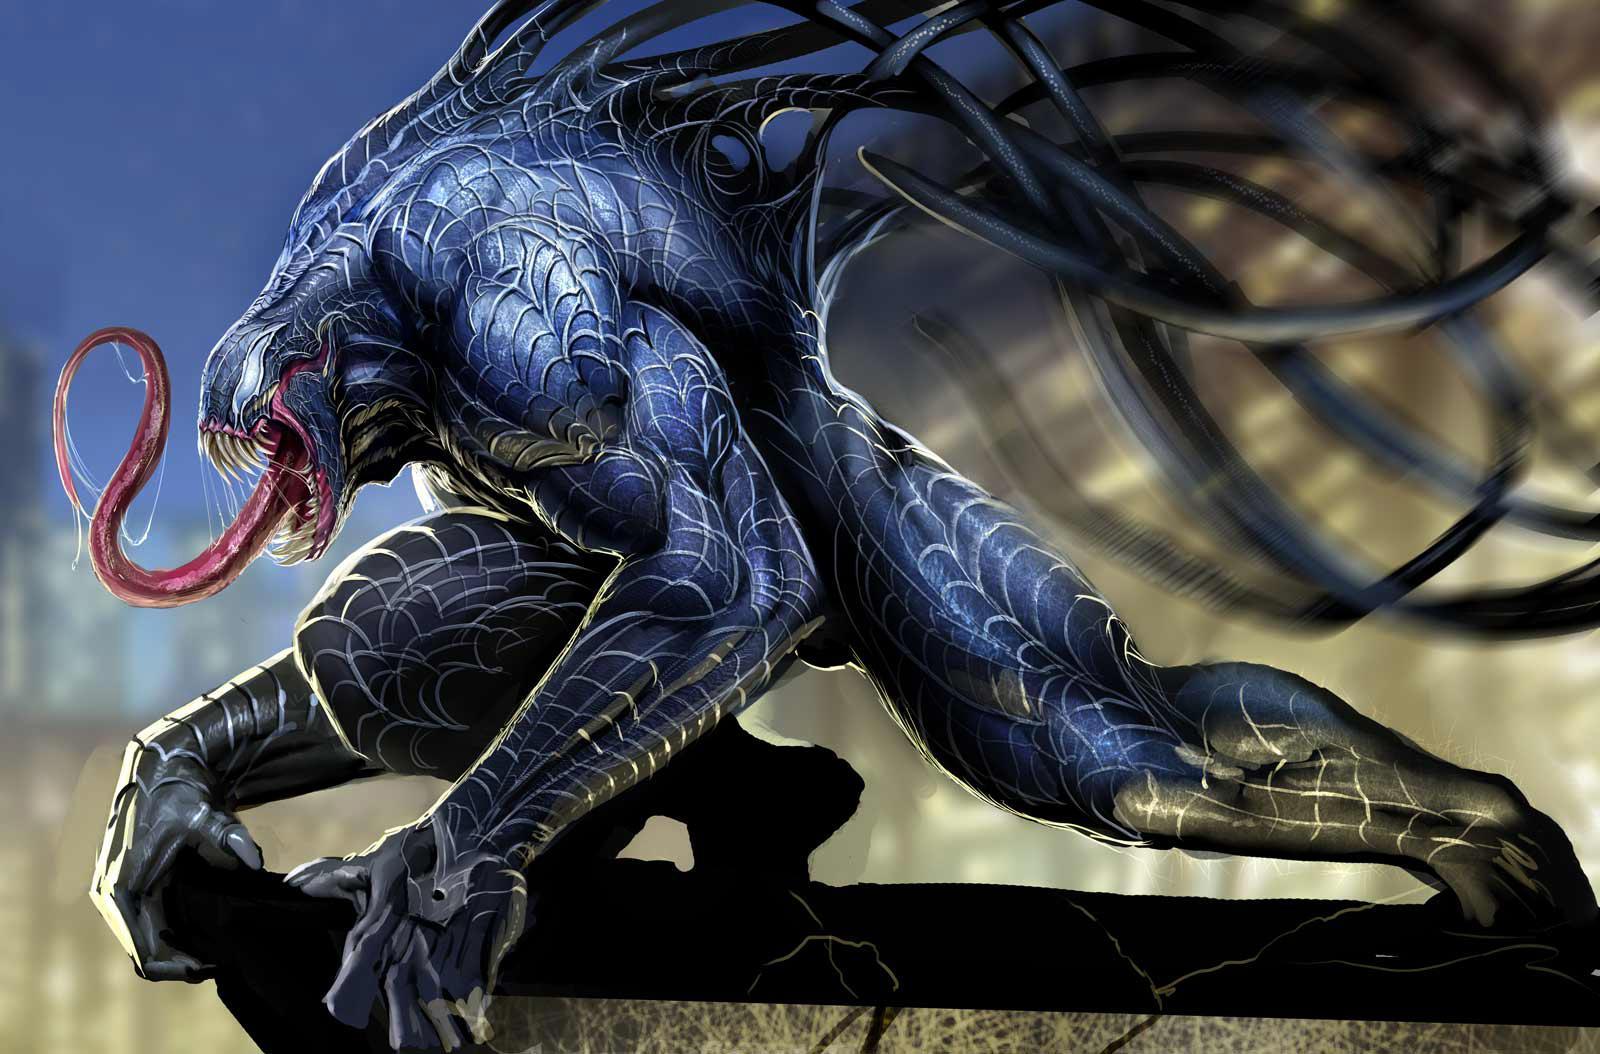 Comics Venom Wallpaper 1600x1054 Comics Venom Spiderman 1600x1054